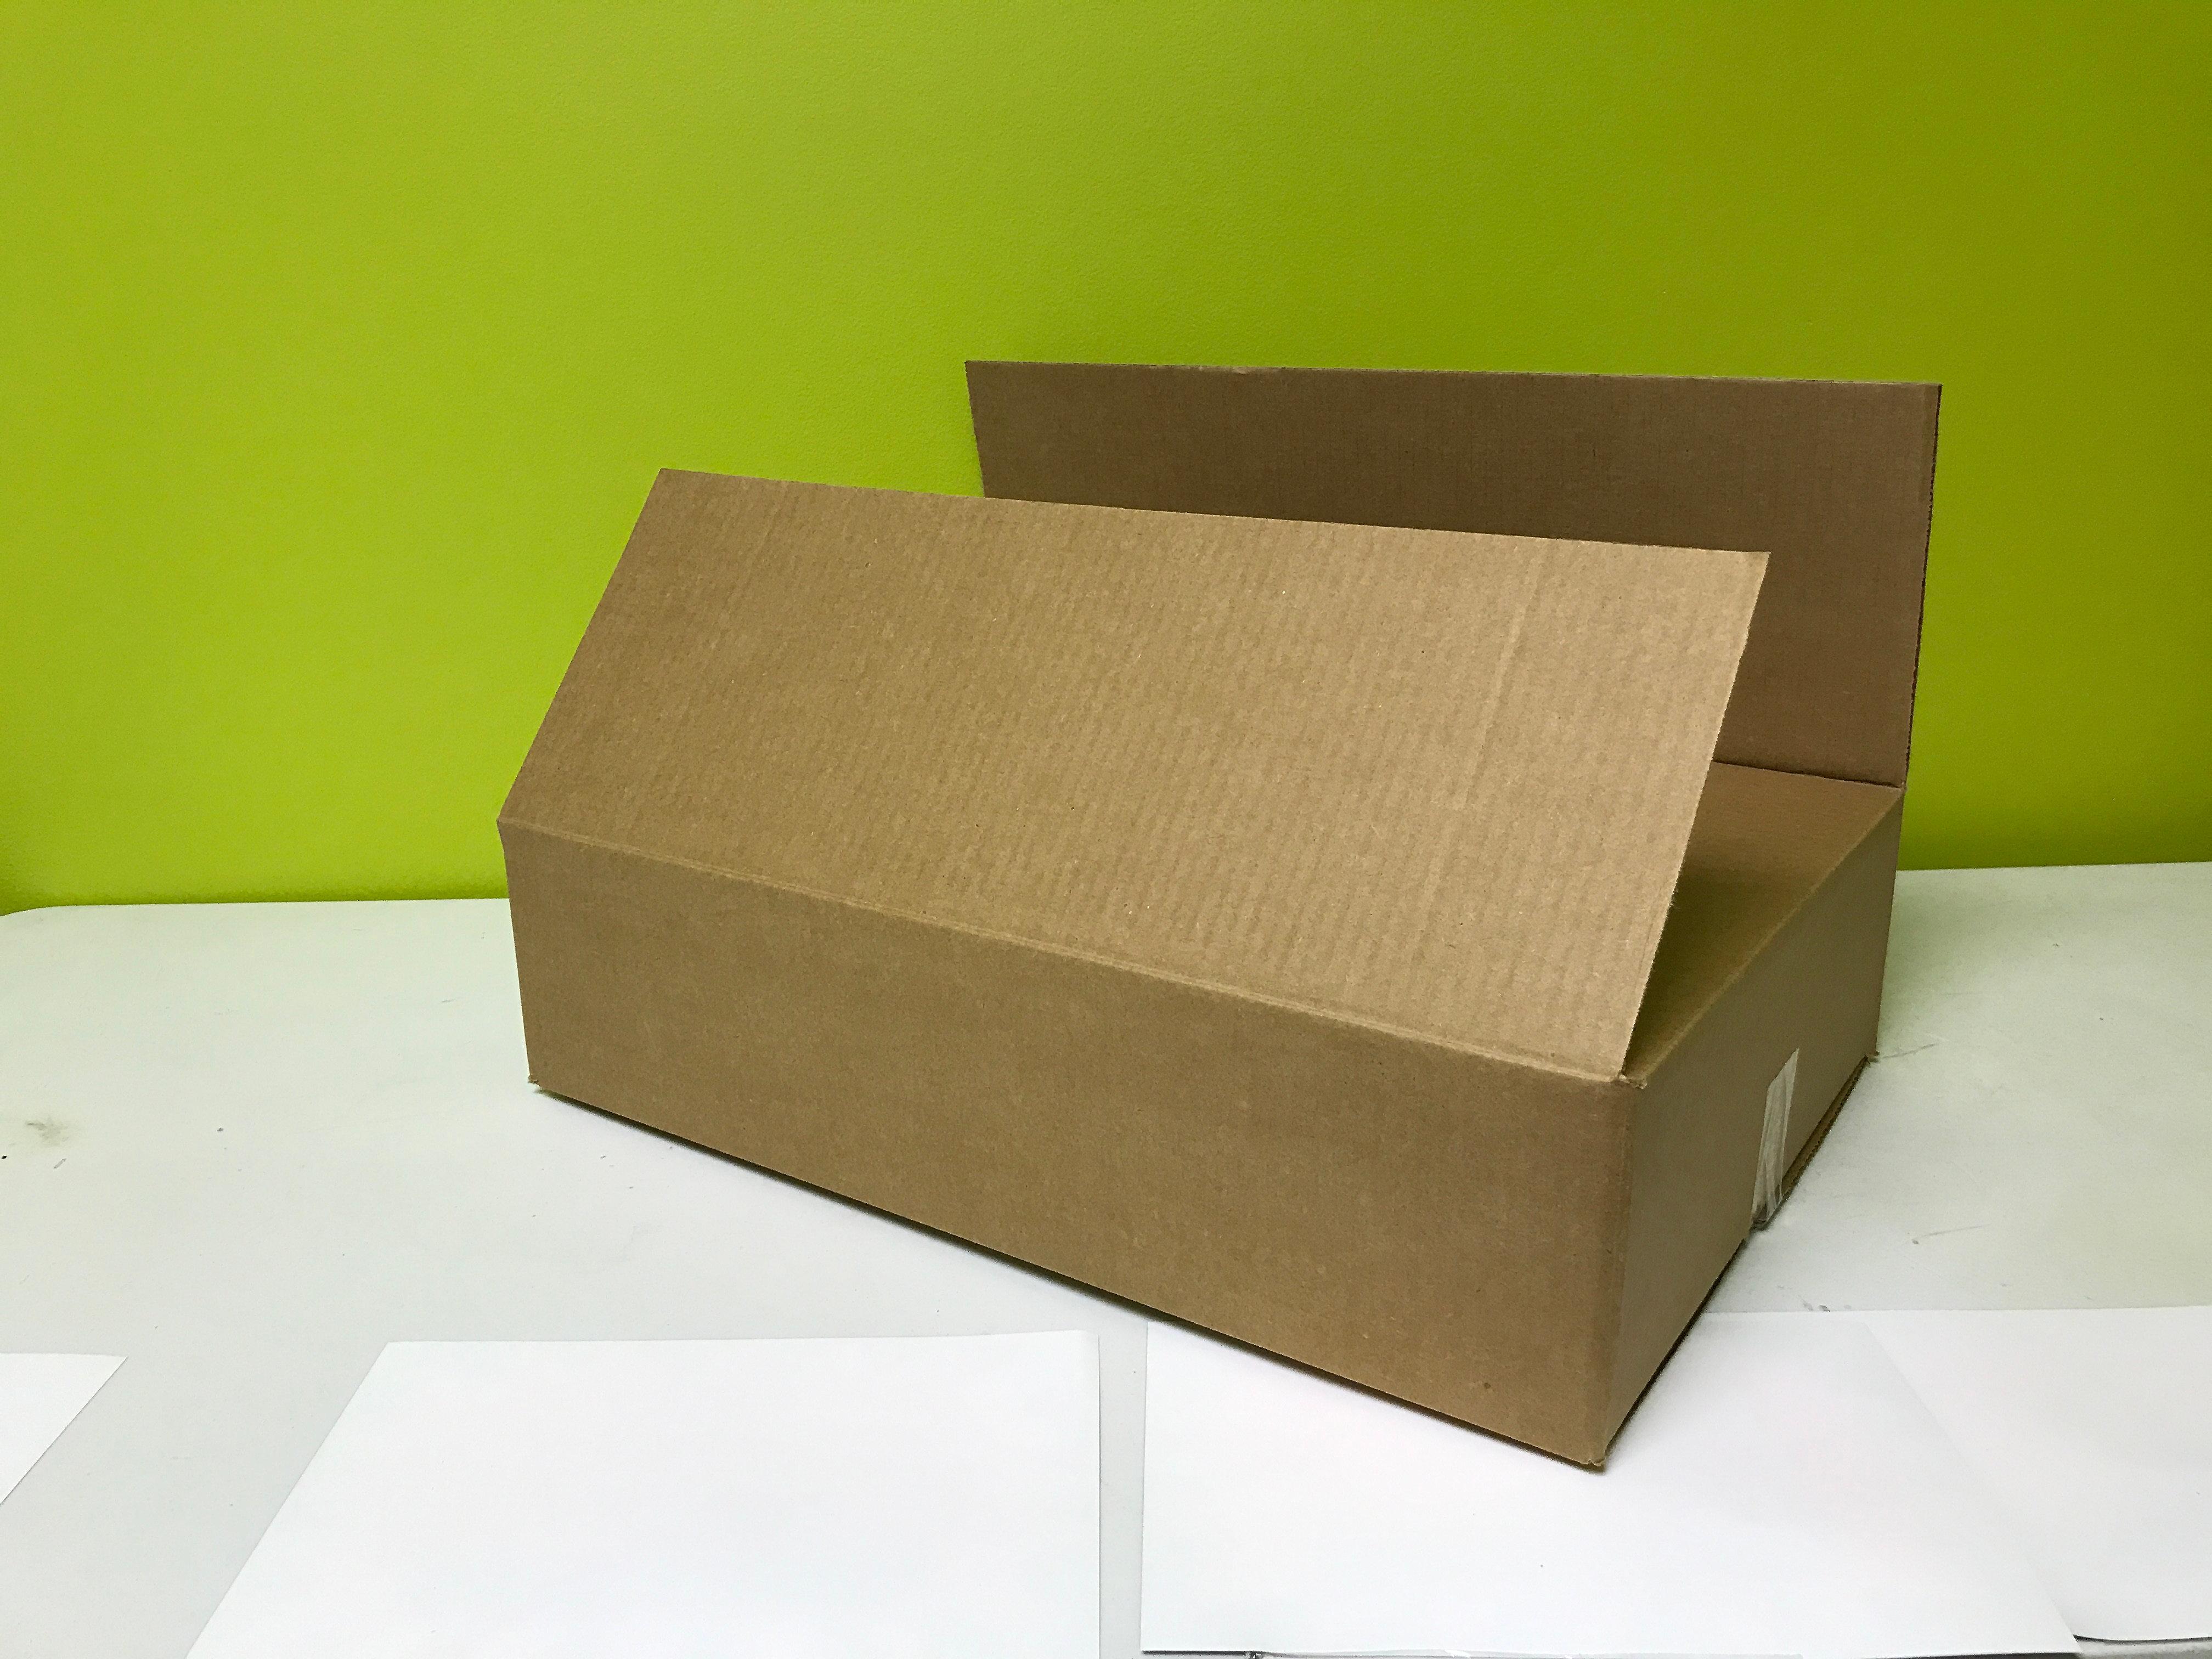 movingboxesatlantaga